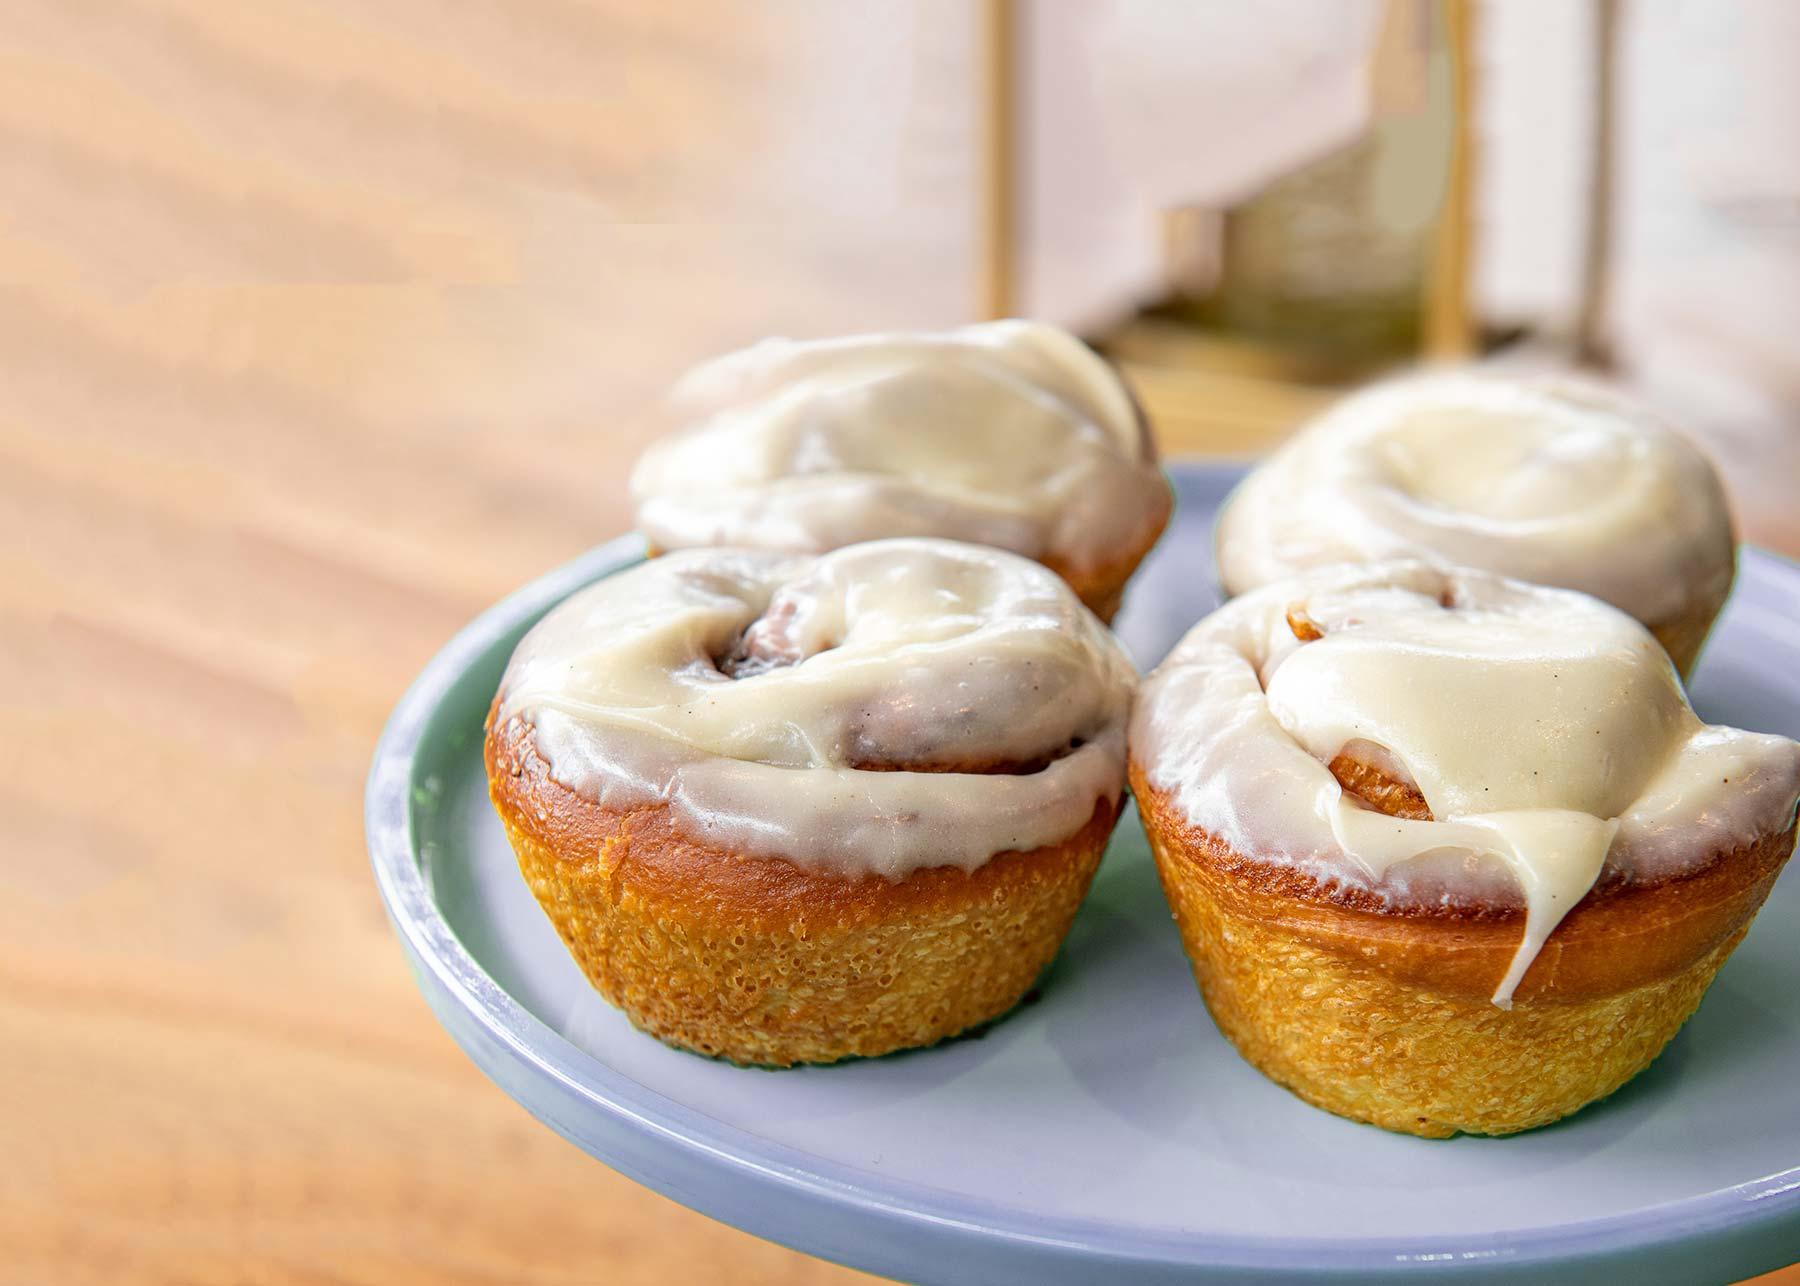 Bake-at-home Cinnamon Buns!